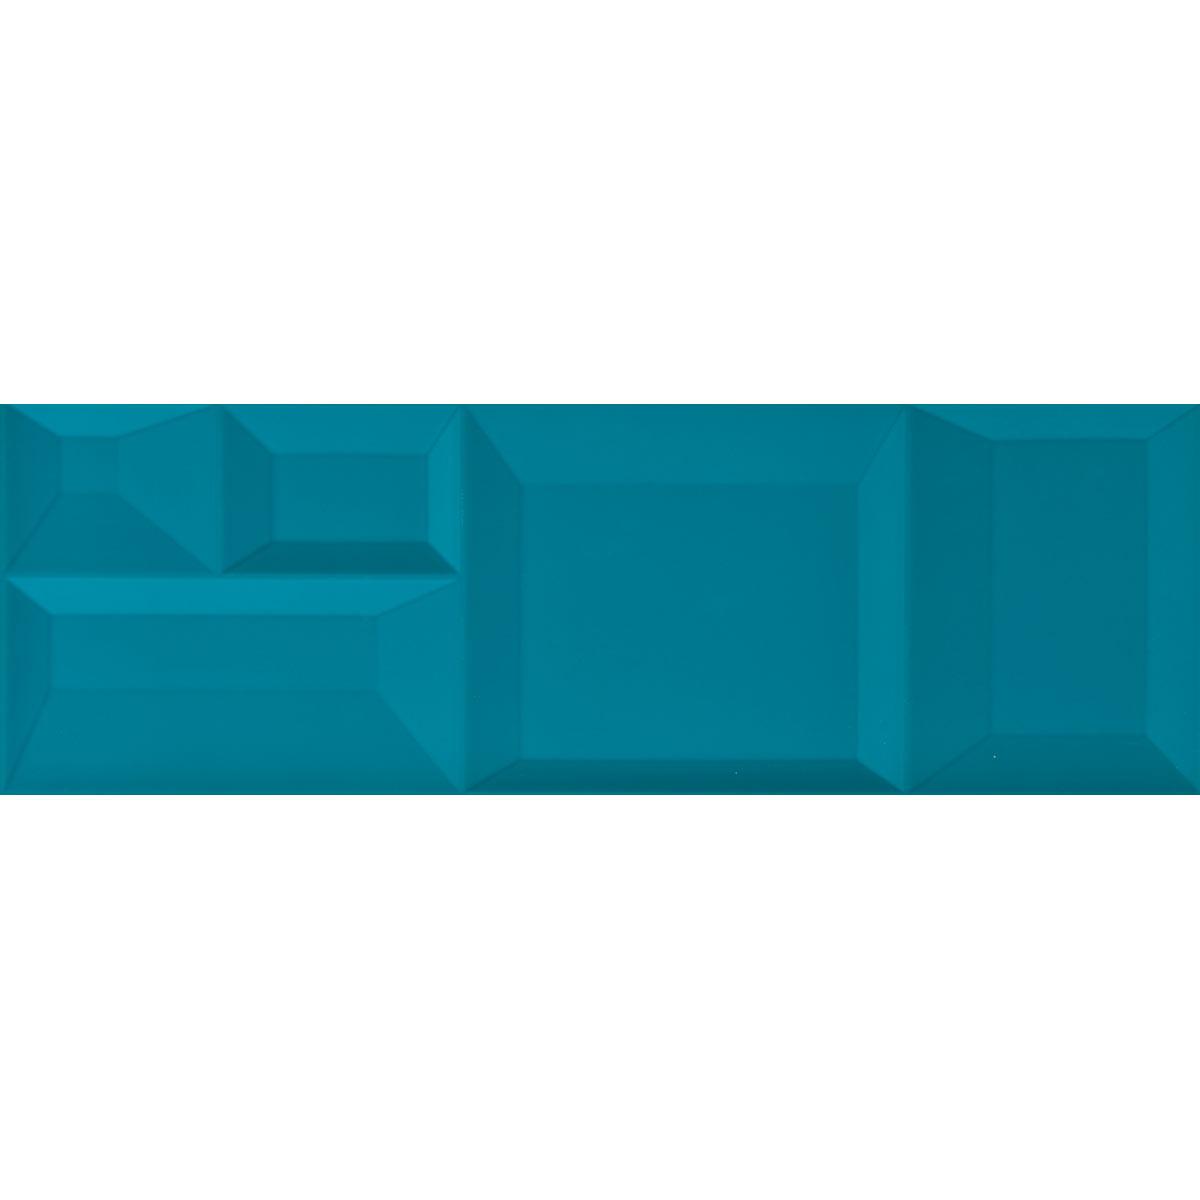 D00251 NORDIC BLUE CAPTURE